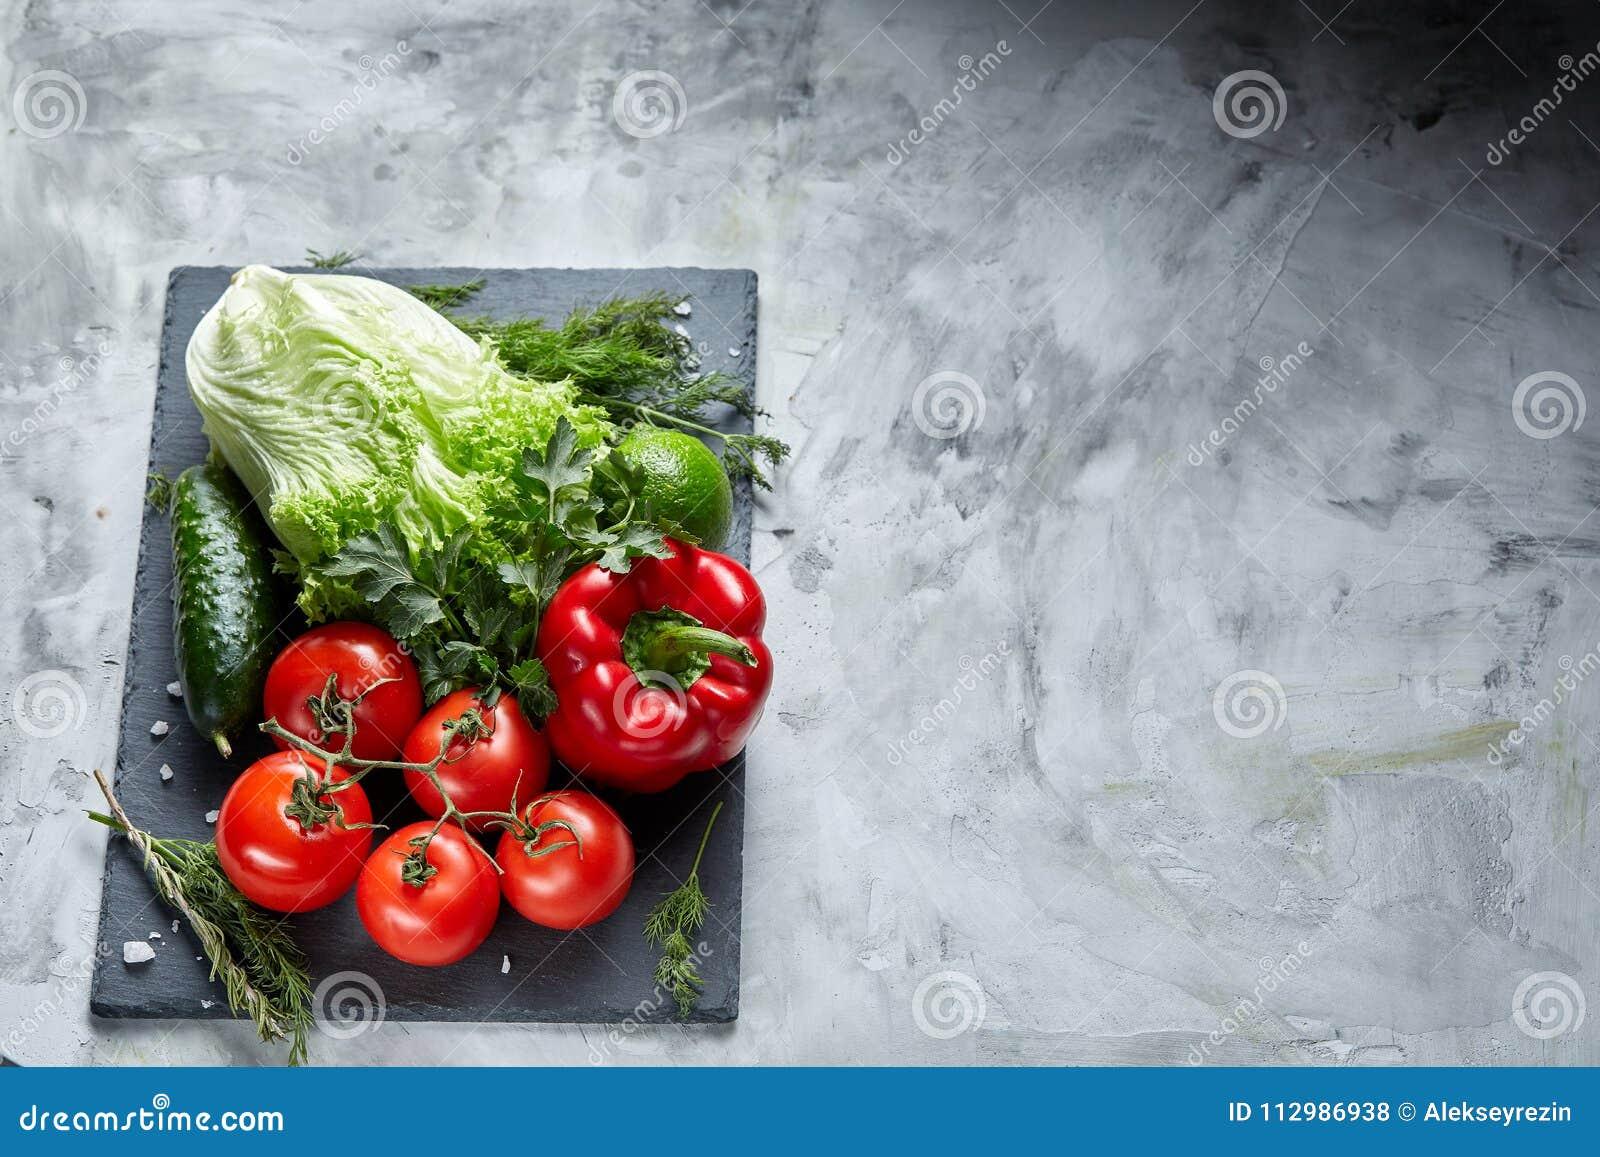 Bos van verse tomaten met groene bladeren op steenachtige raad over witte achtergrond, hoogste mening, close-up, selectieve nadru